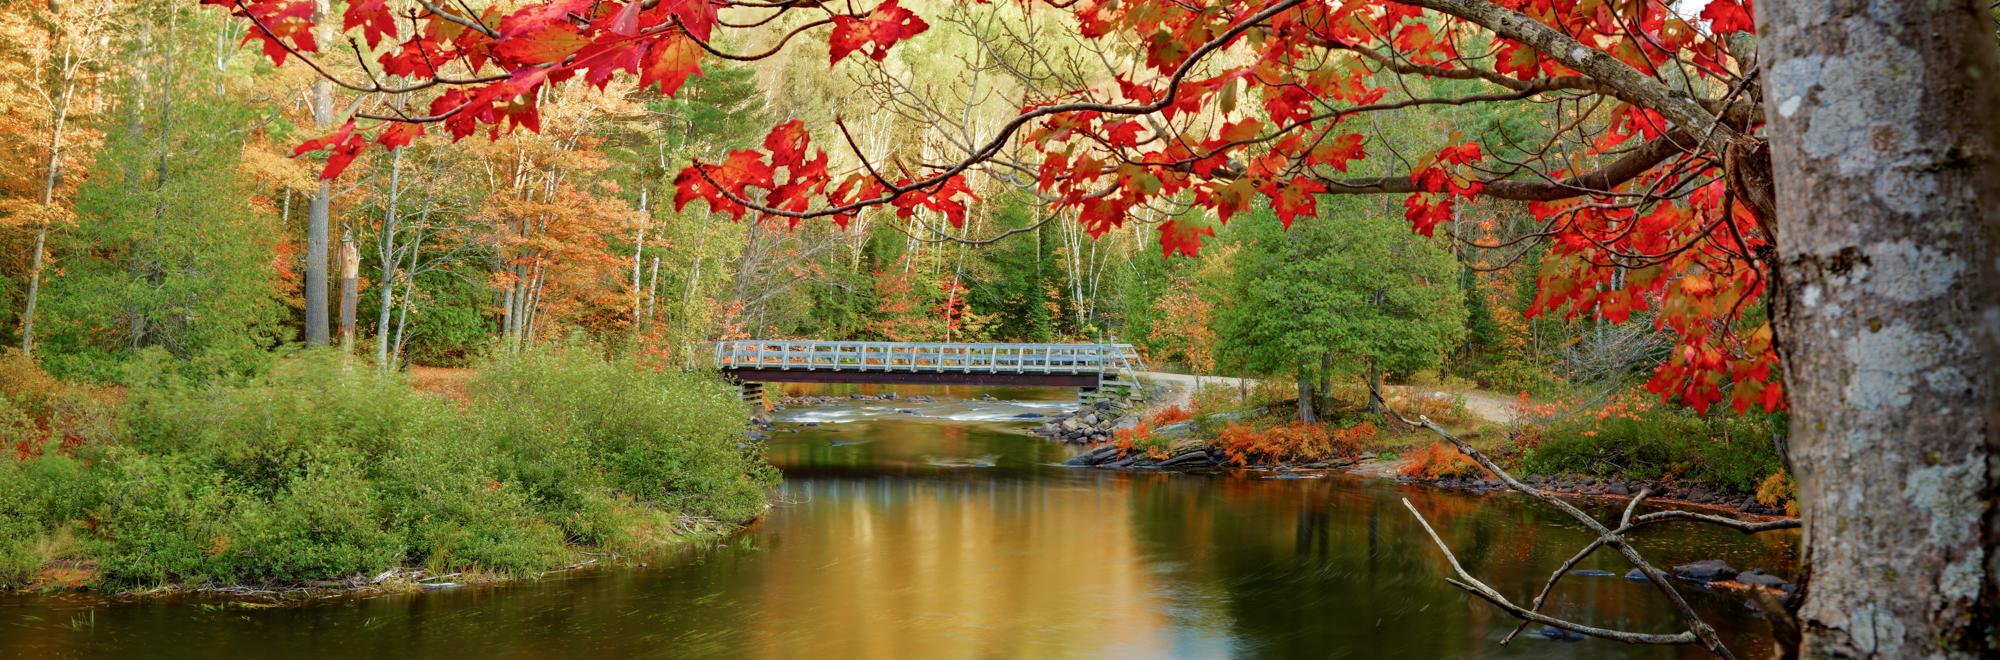 Maple and Bridge